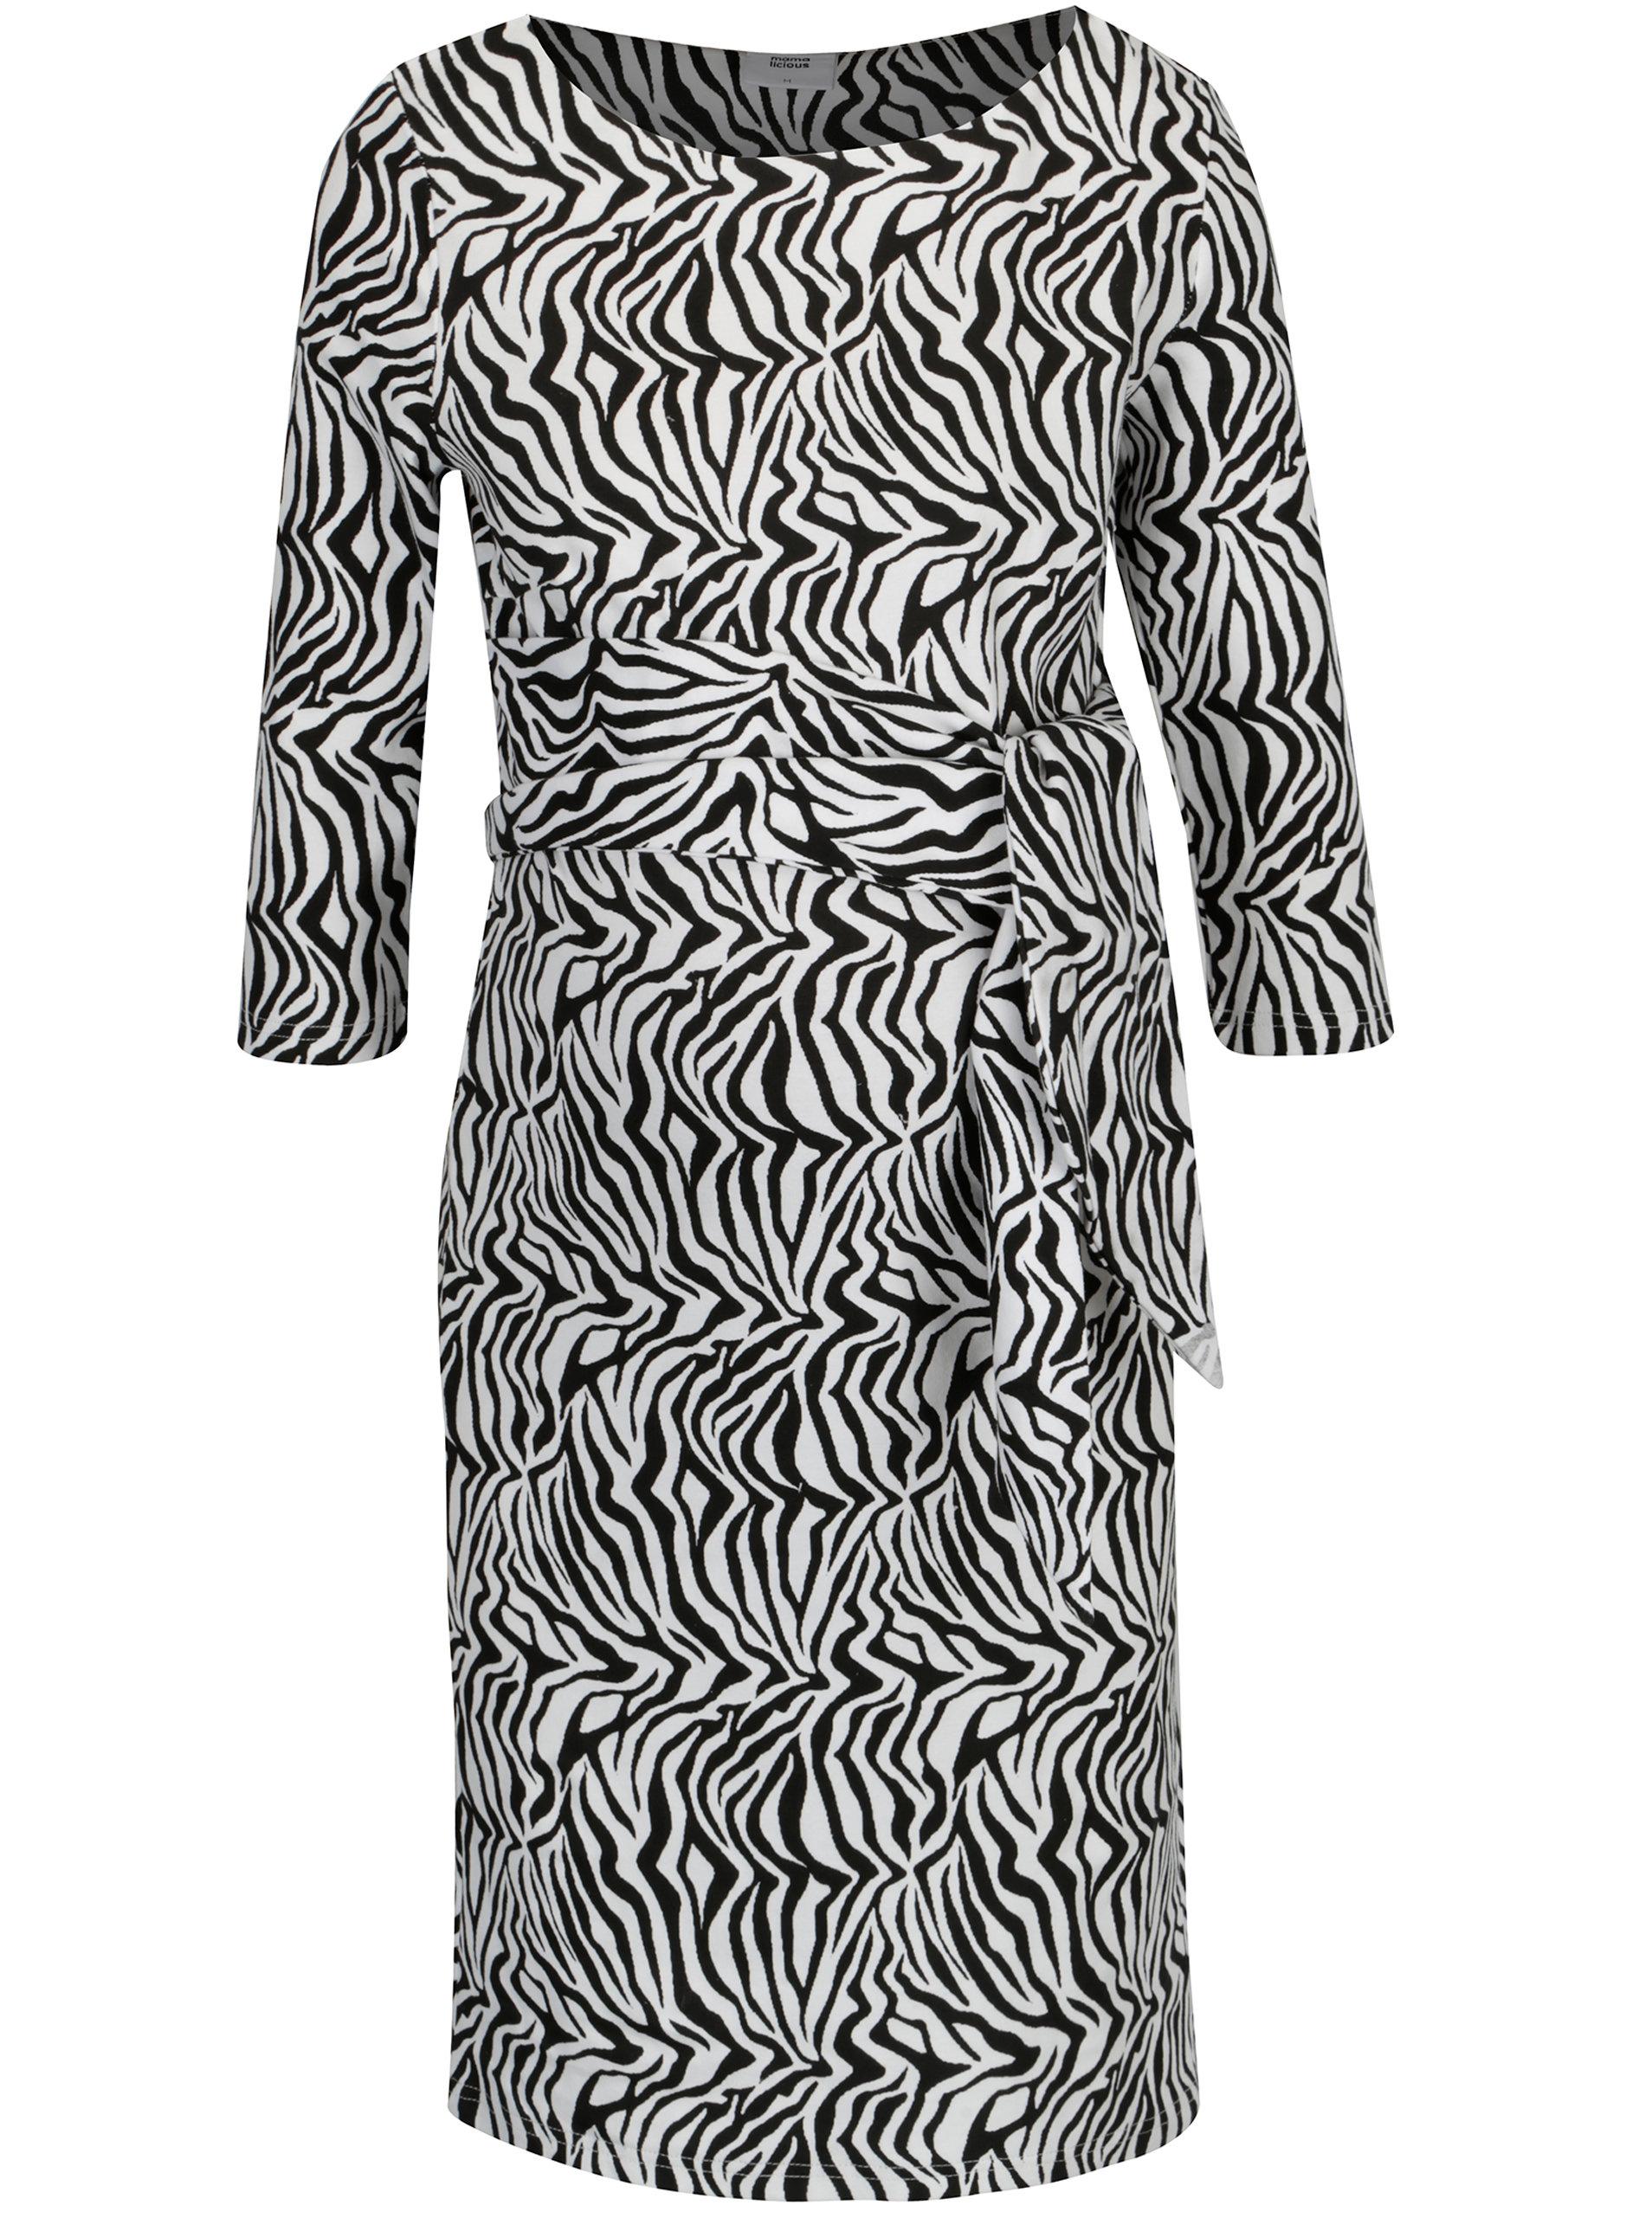 Čierno-biele vzorované šaty Mama.licious Zebra ... b427536926c